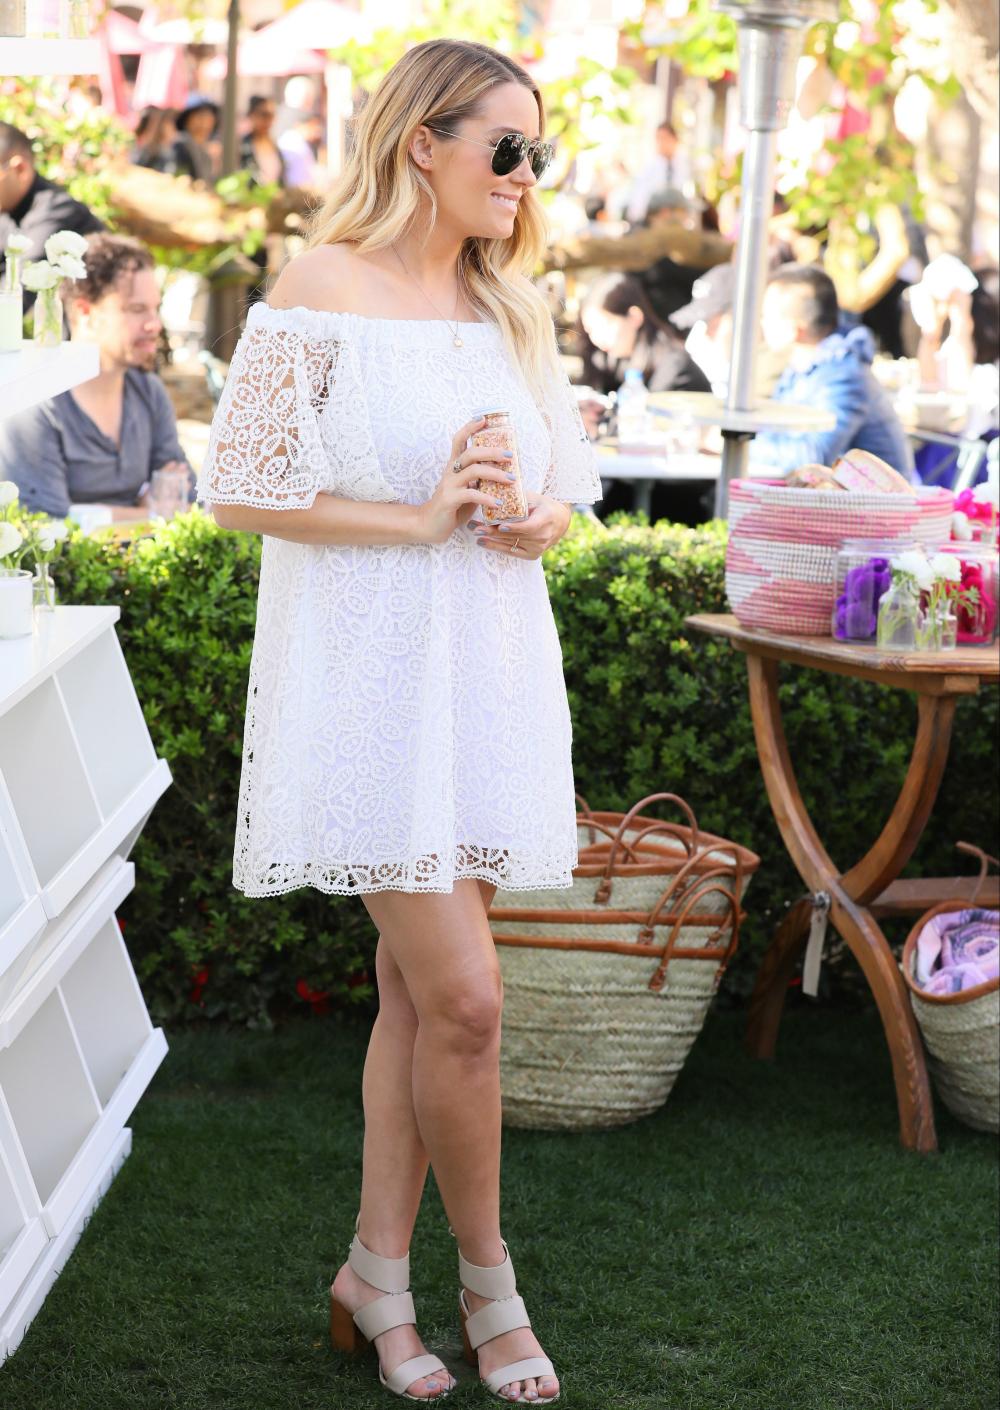 lauren-conrad-white-mini-dress-2.jpg